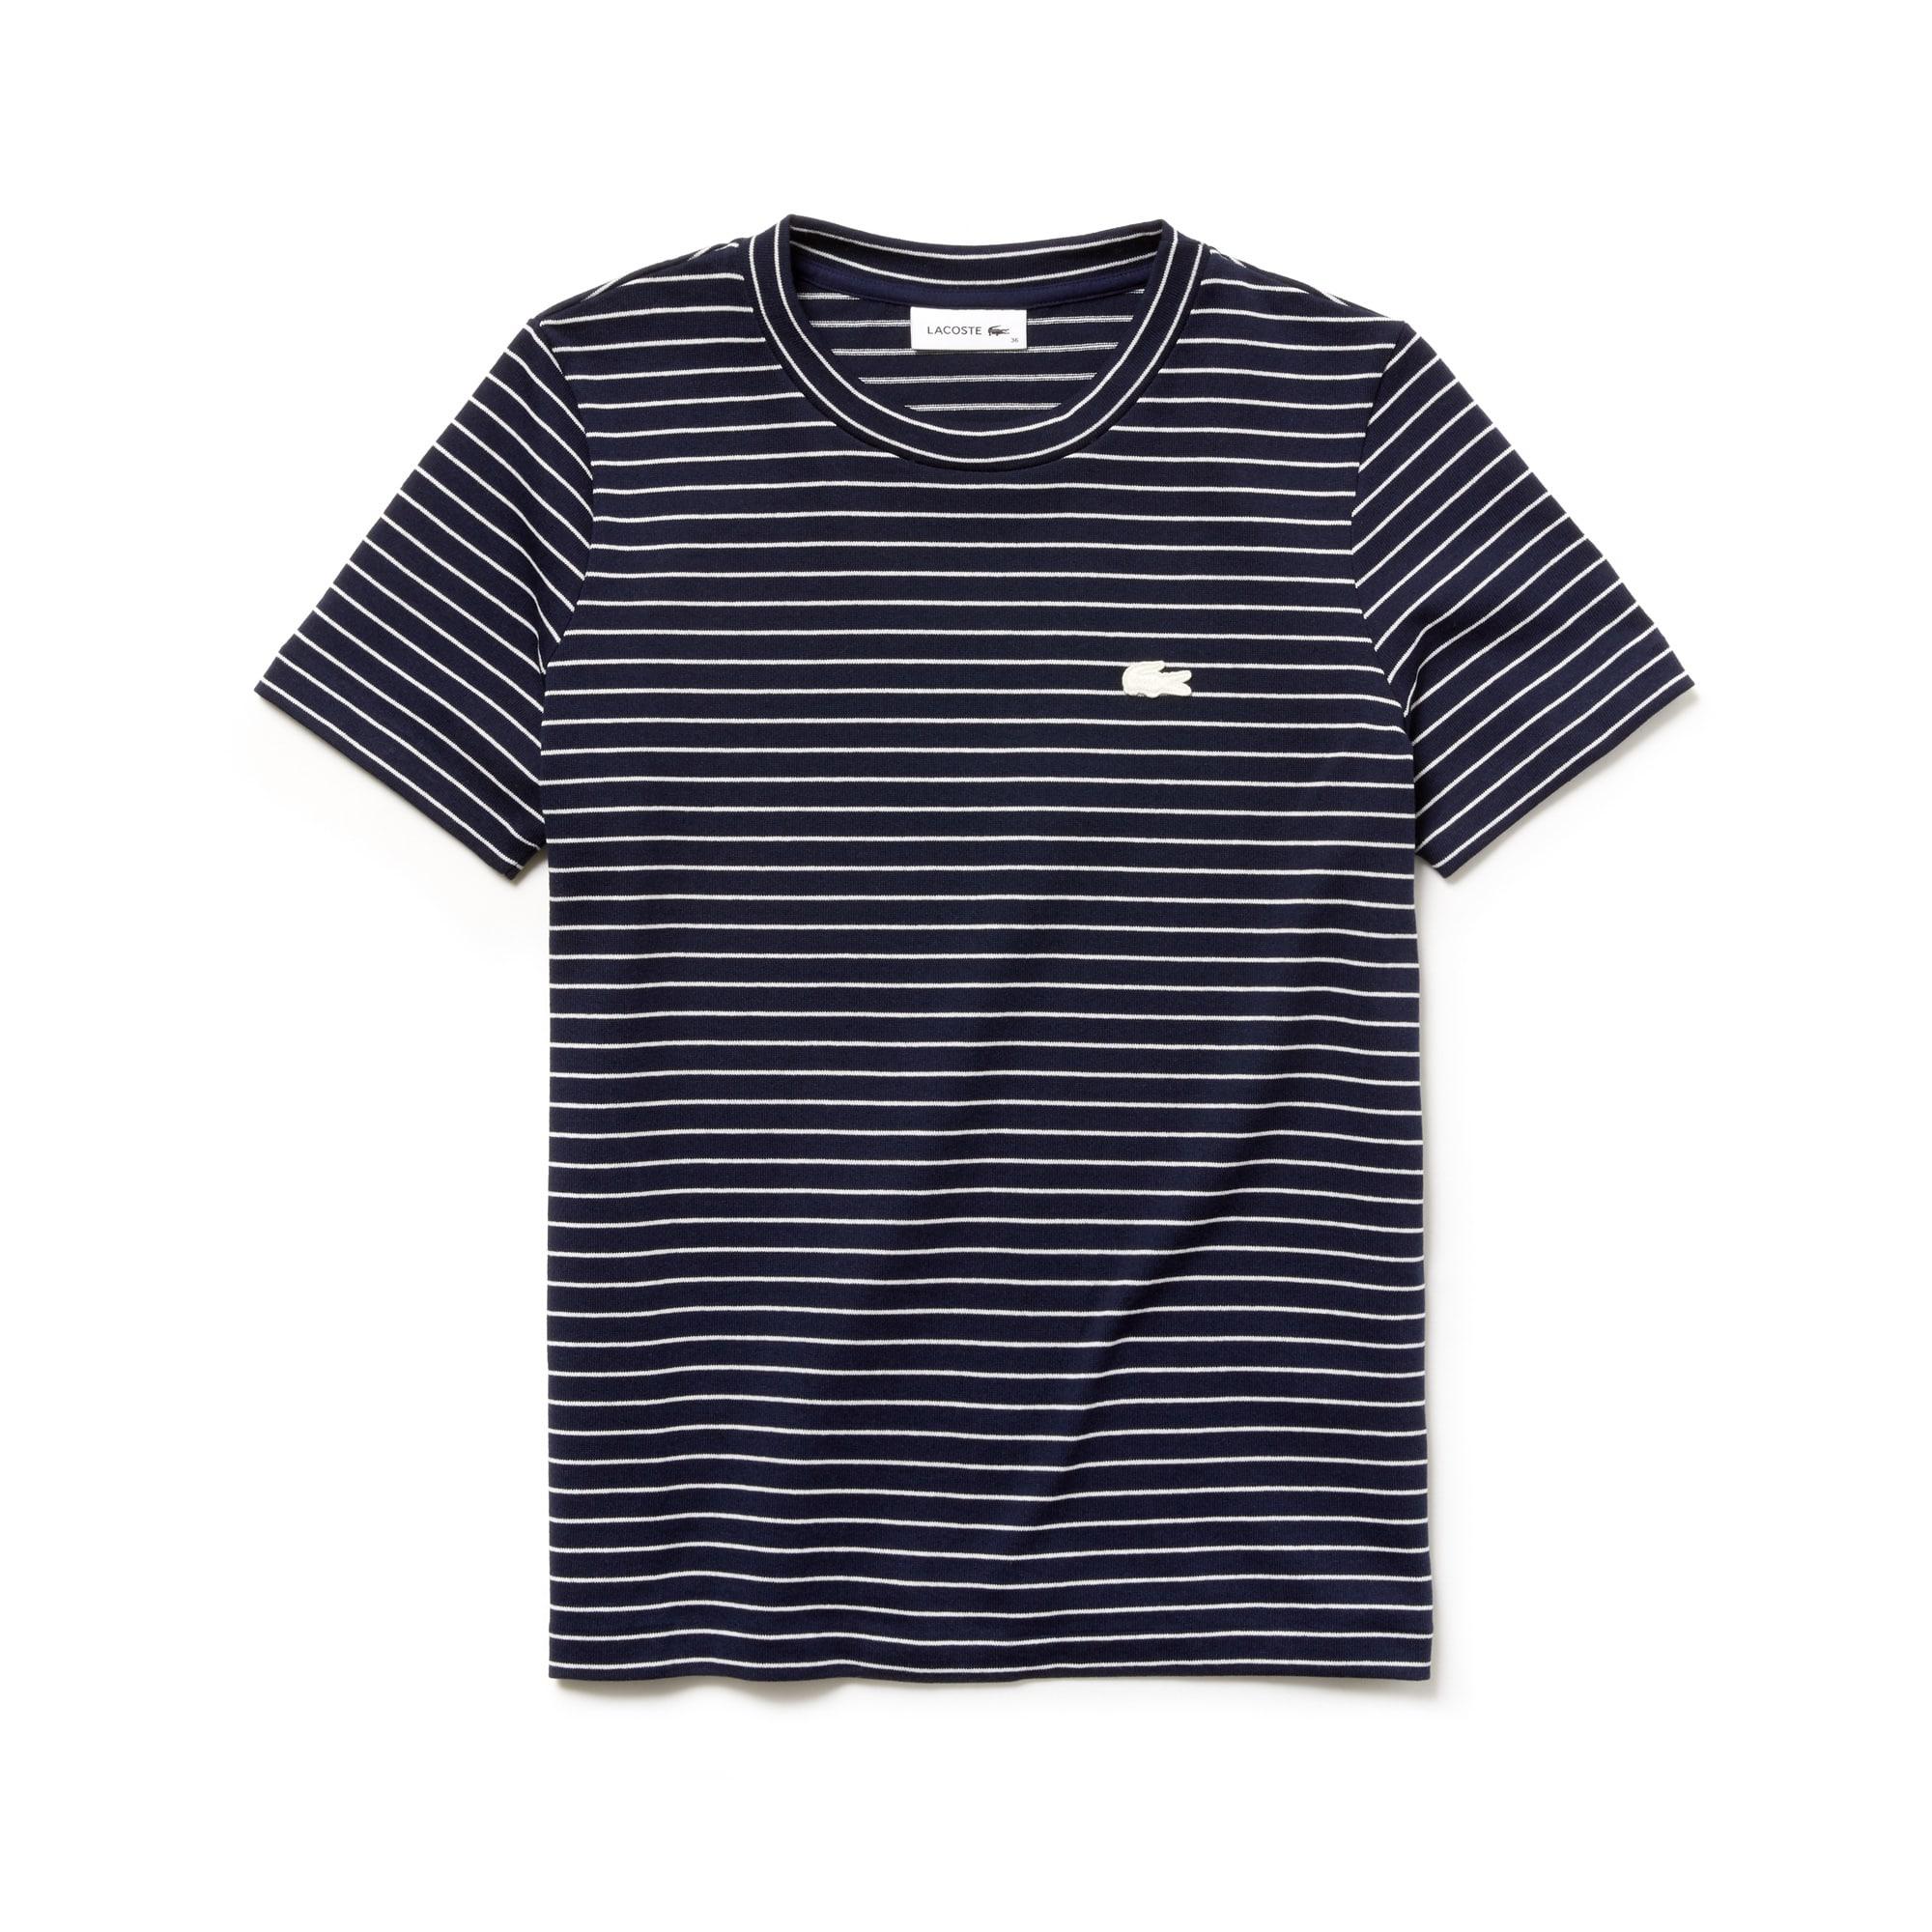 Damen-Rundhals-Shirt aus gestreiftem Baumwolljersey